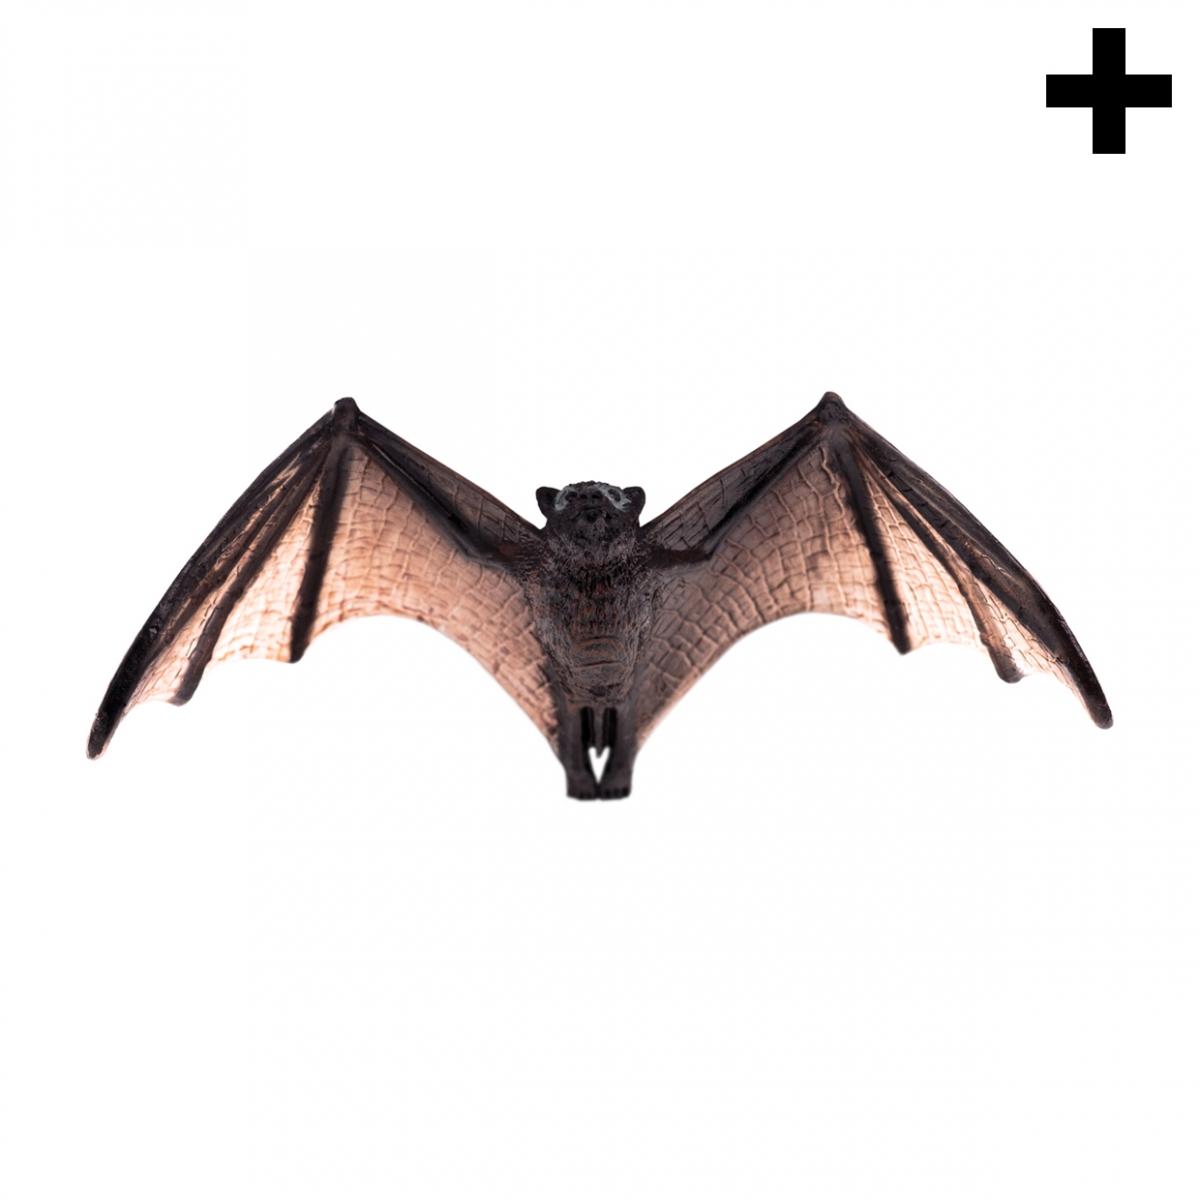 Imagen en la que se ve el plural del concepto murciélago